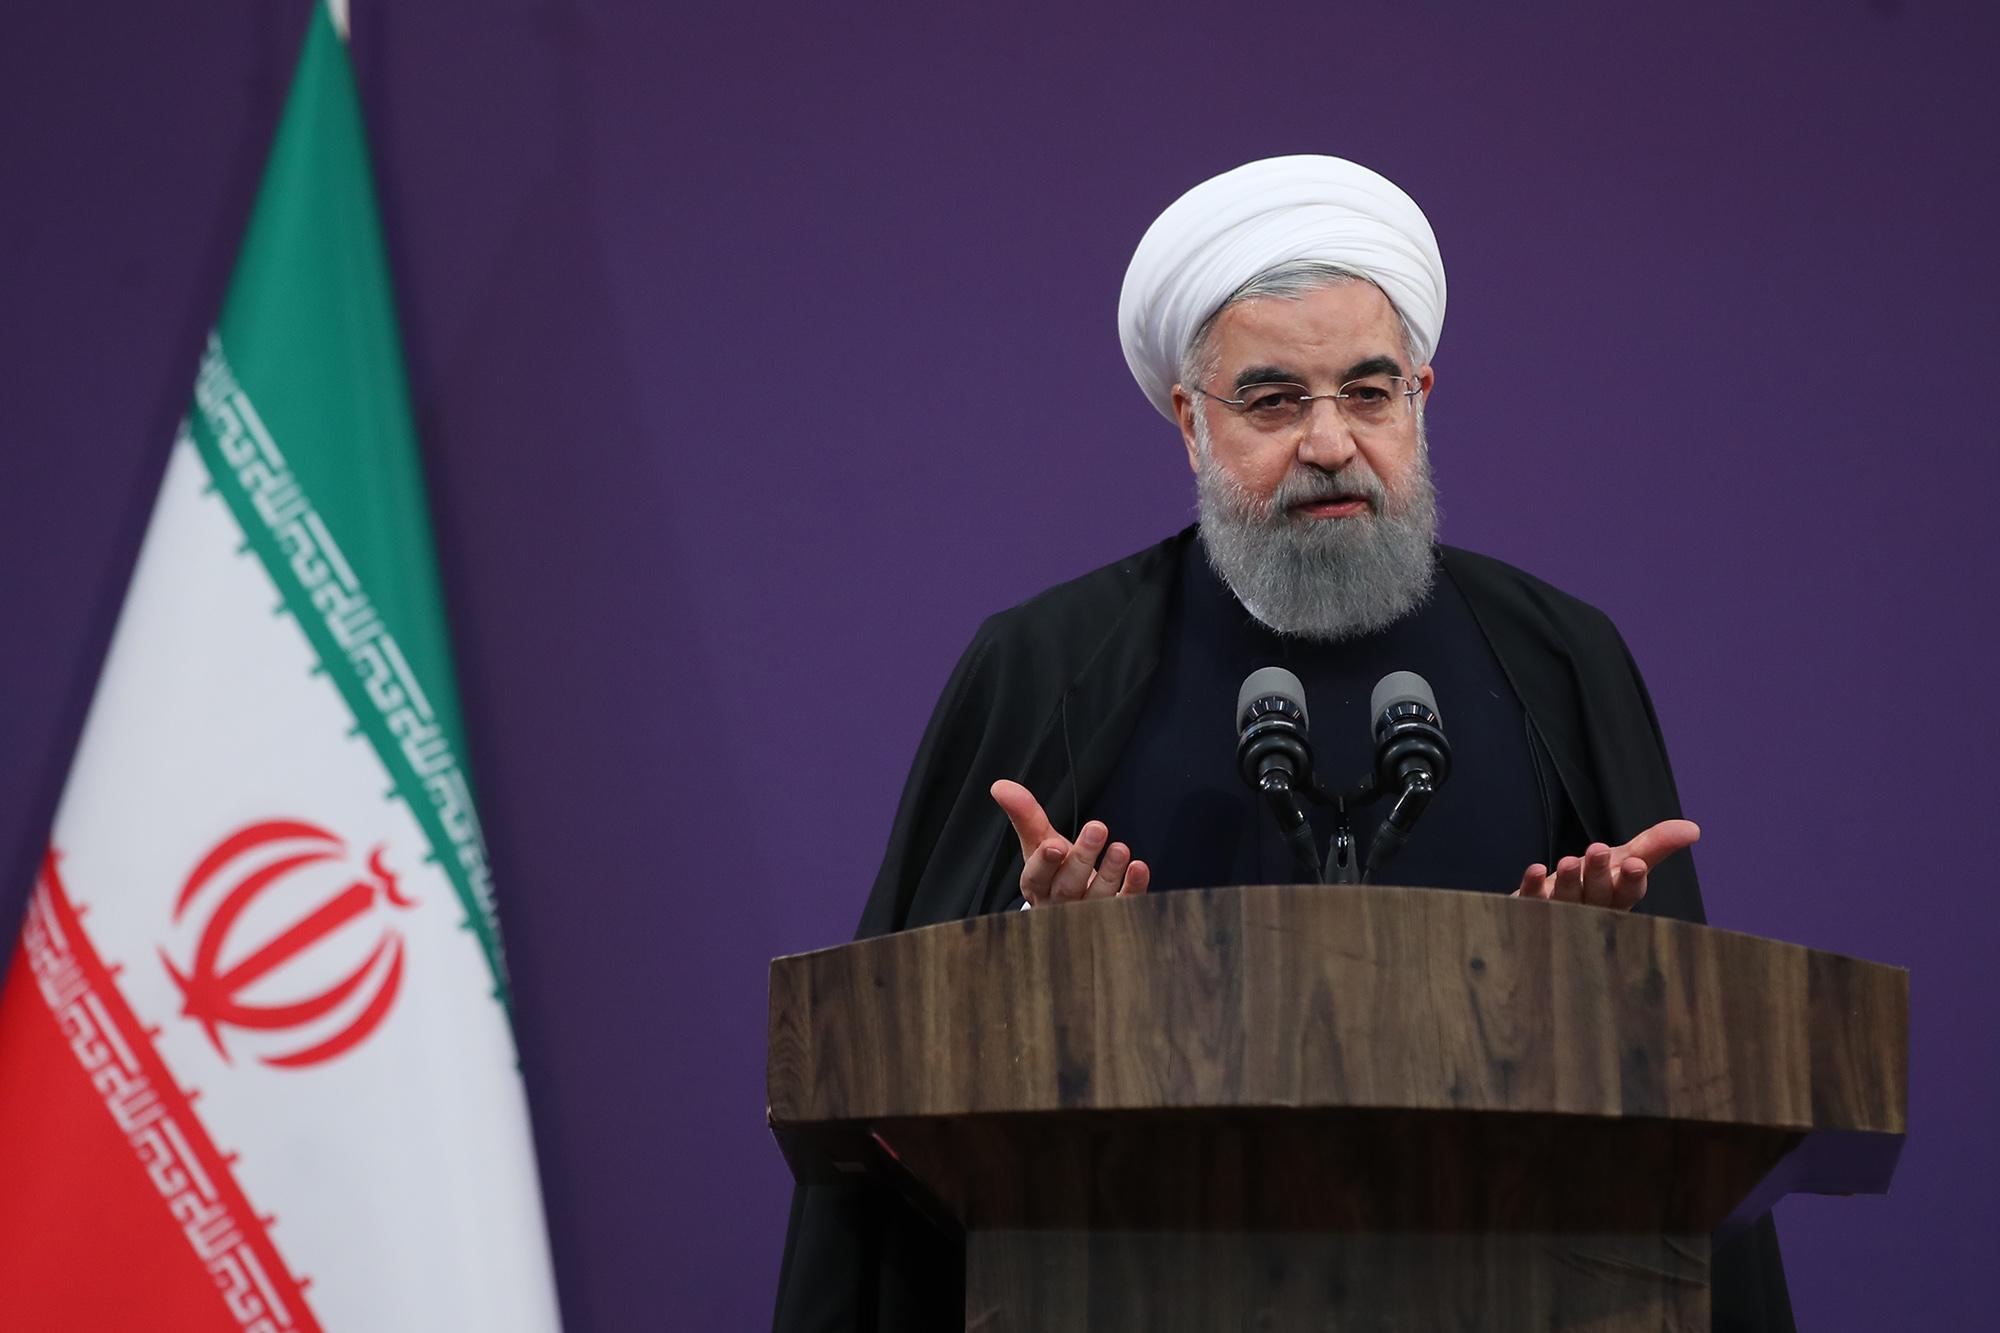 در سیاست های ترامپ جز فحاشی و اتهامات واهی عایه ایران وجود نداشت